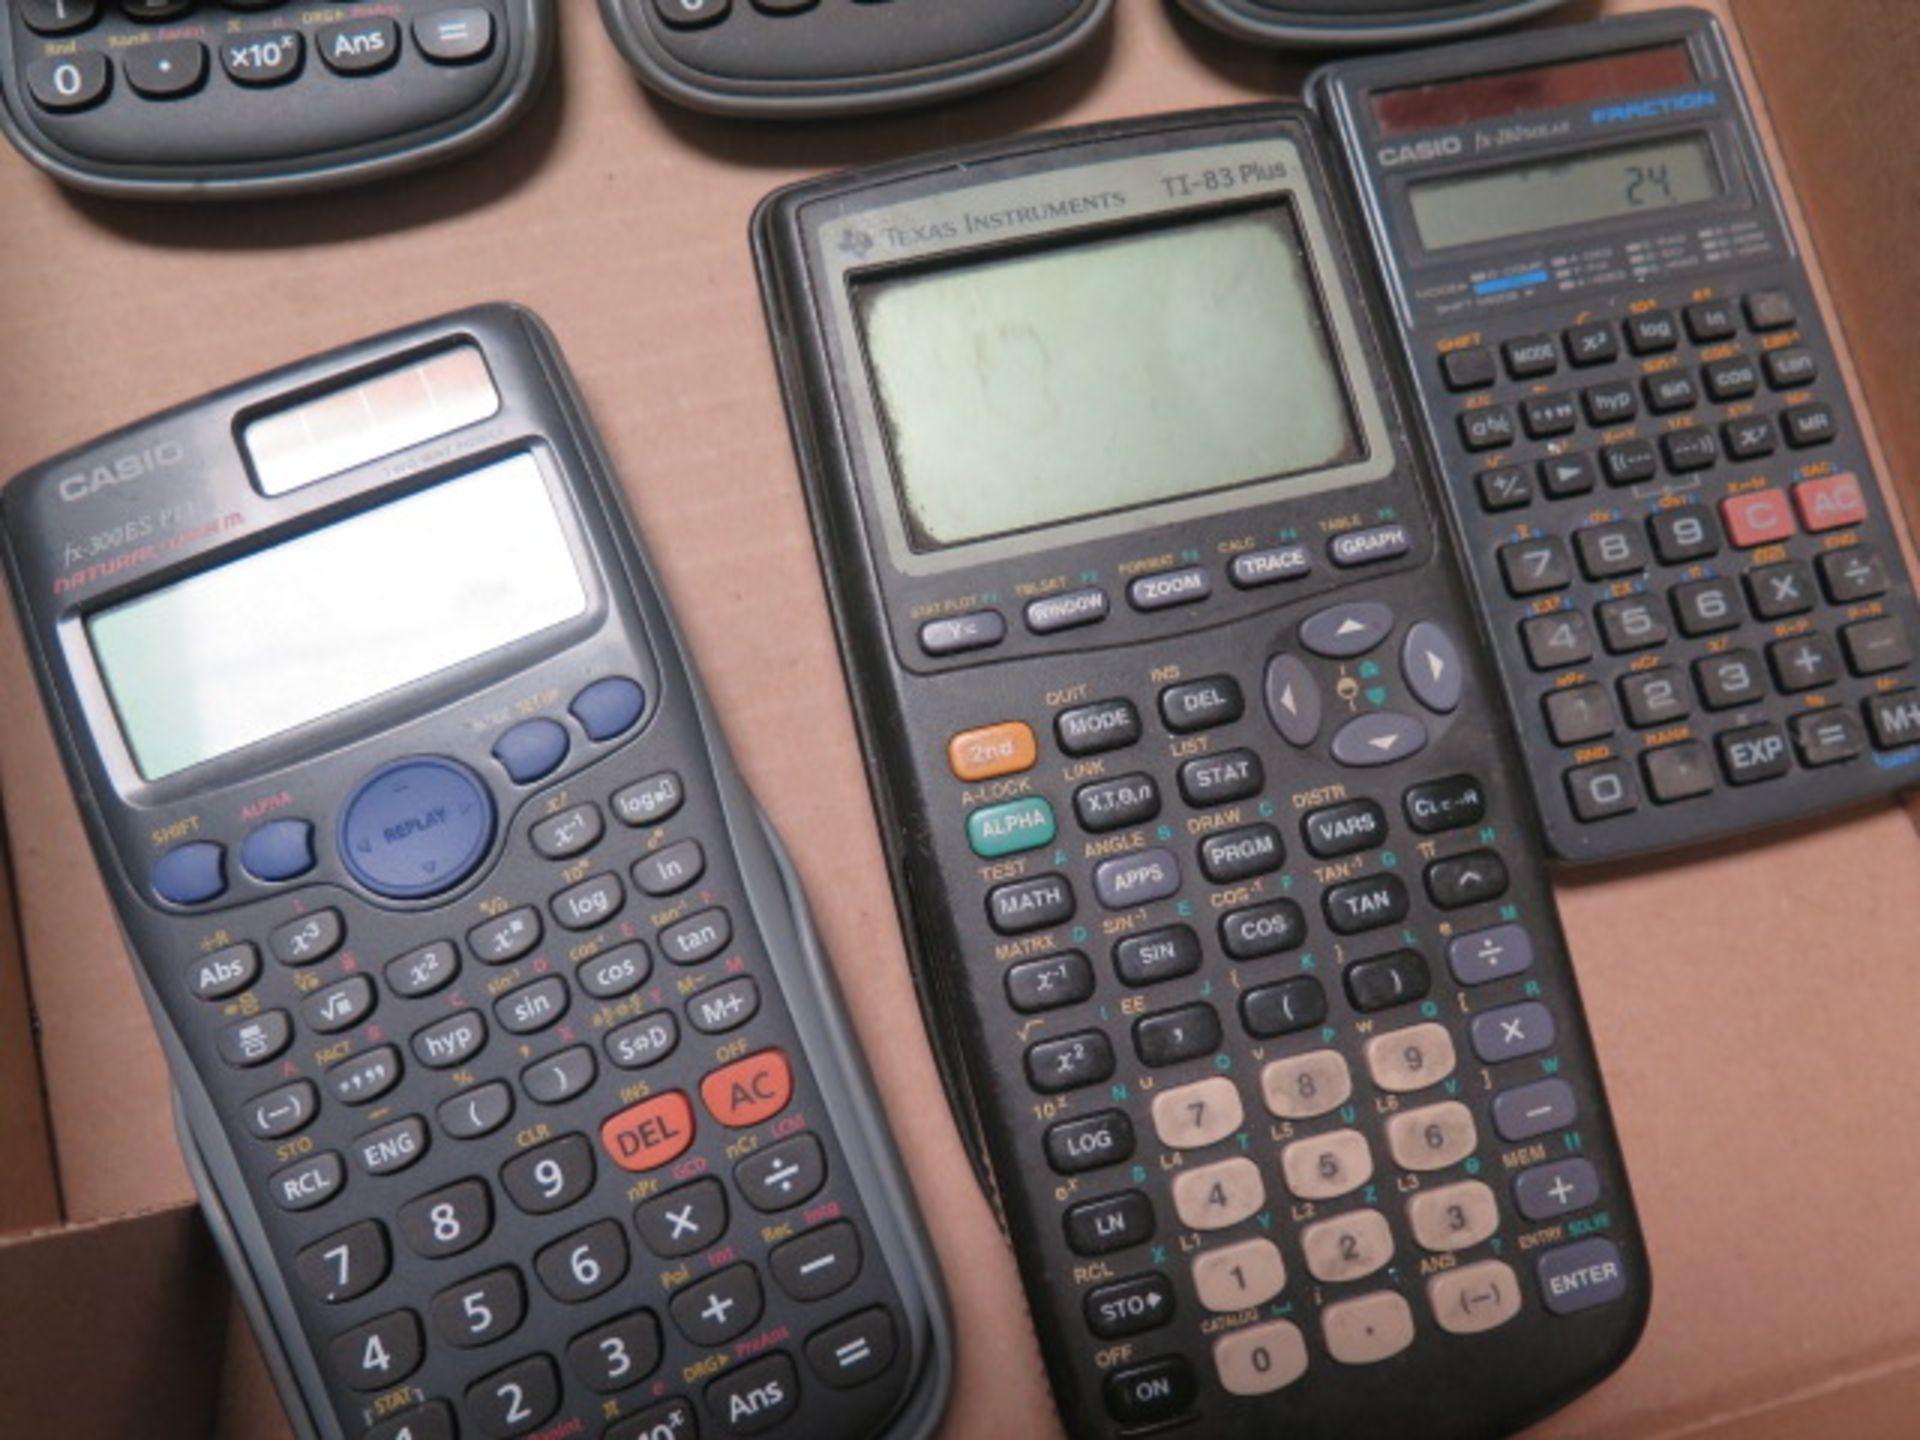 Calculators (SOLD AS-IS - NO WARRANTY) - Image 4 of 4